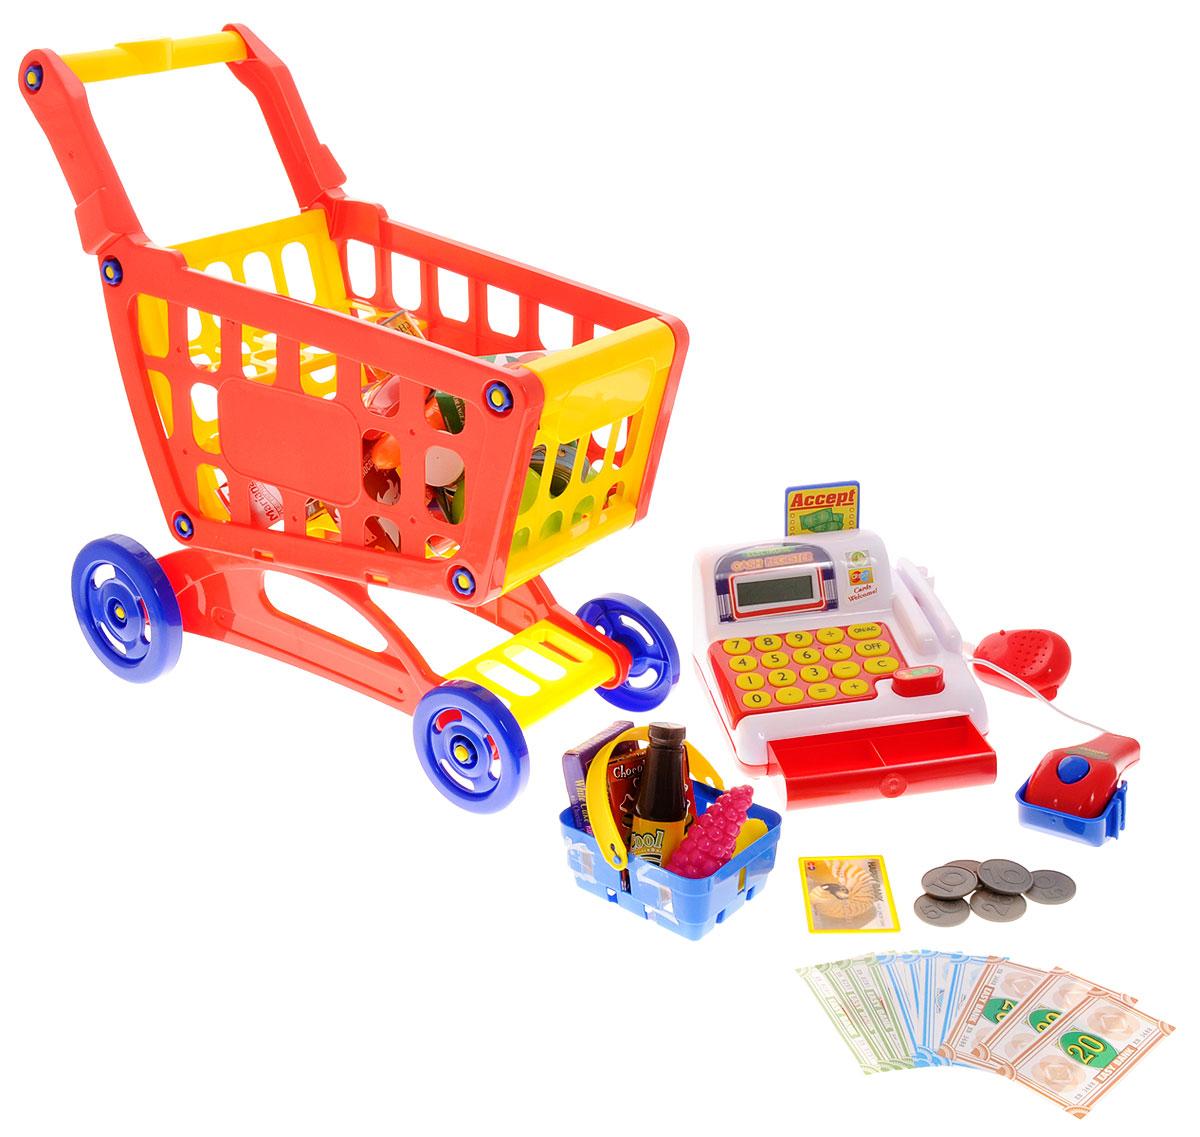 Boley Игрушечный набор Продуктовая тележка с кассой и набором продуктов аксессуары для кукол boley игрушка boley корона серия холодное сердце